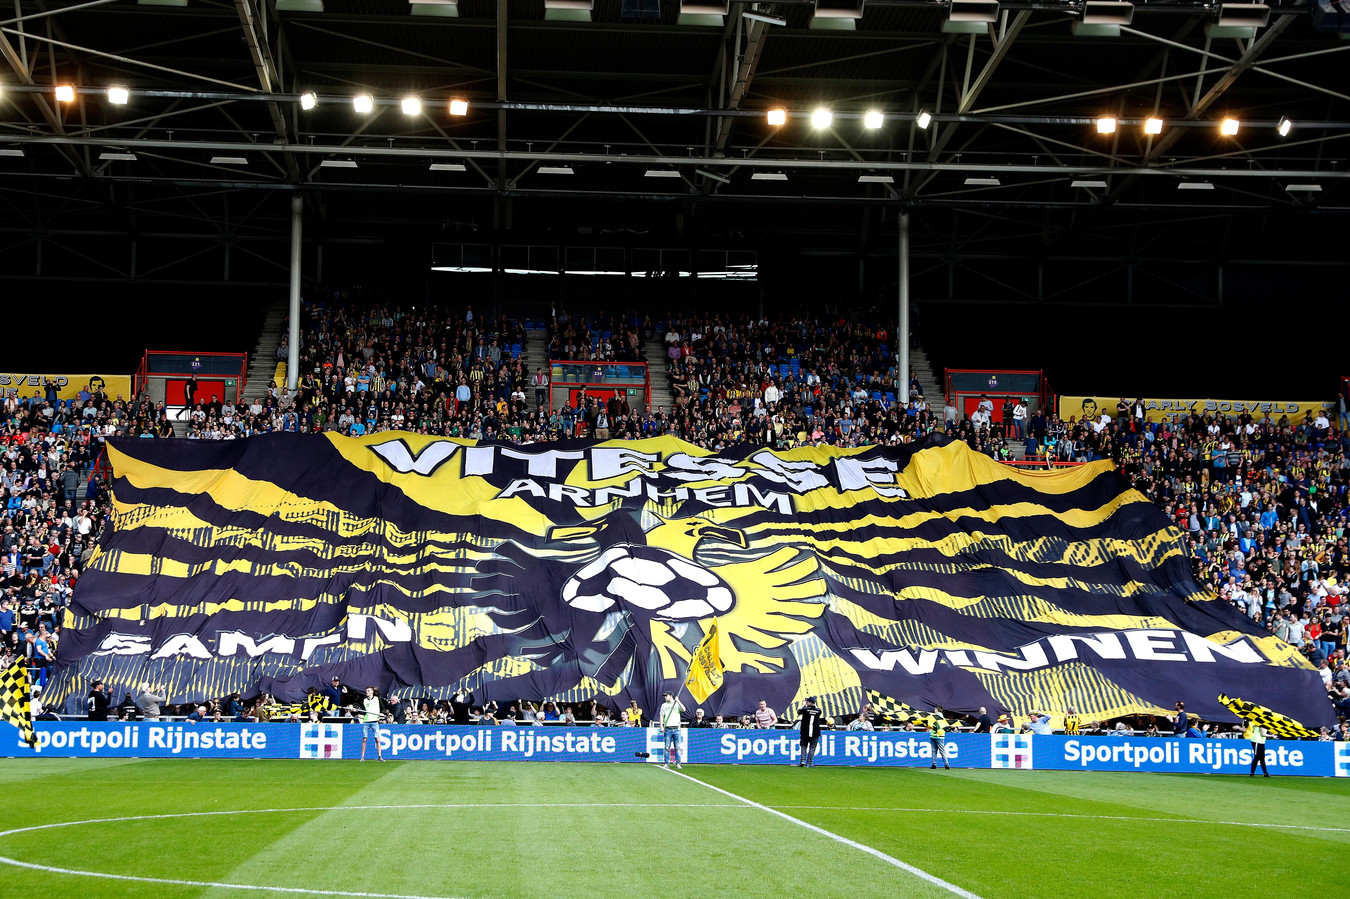 Spandoek bij een wedstrijd van Vitesse in GelreDome.